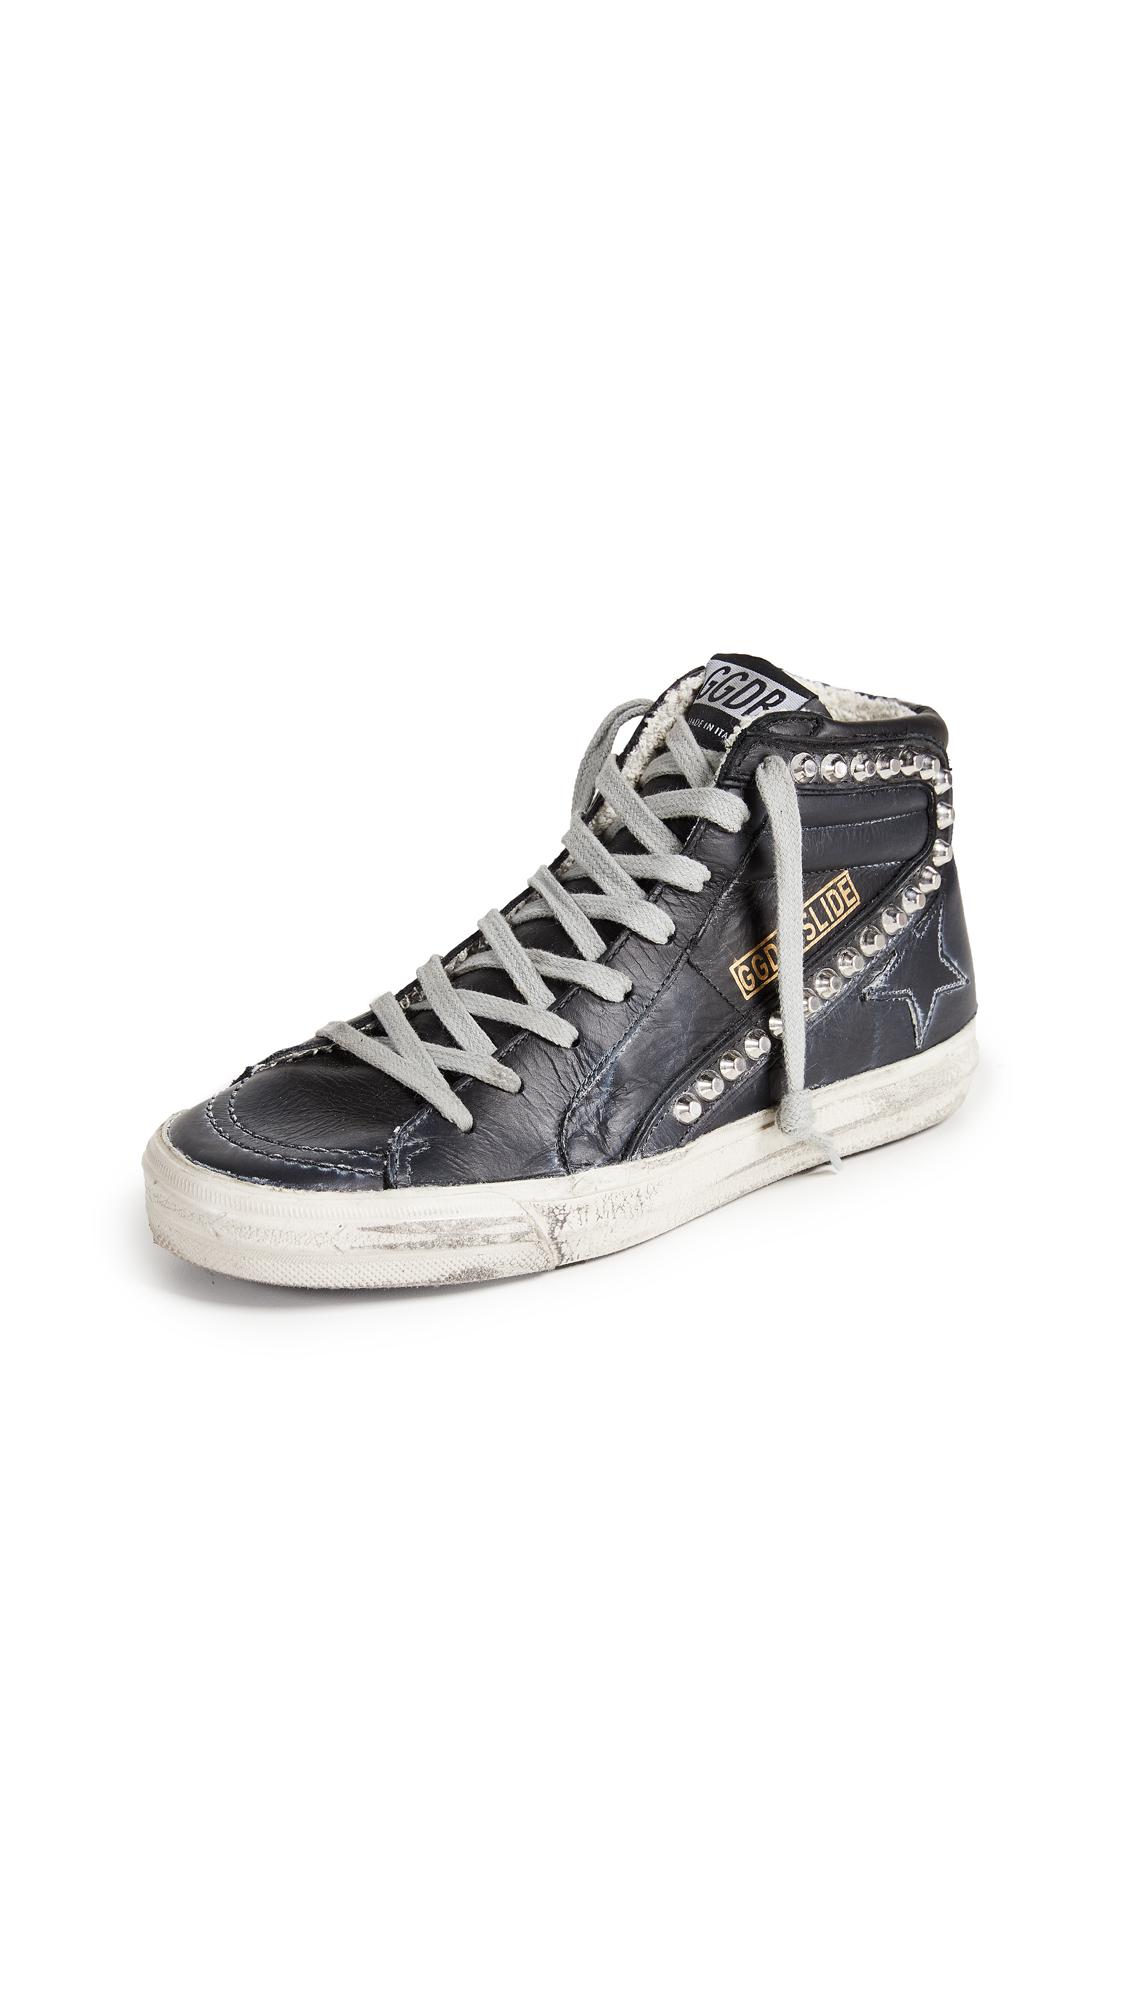 Golden Goose Slide Sneakers - Black